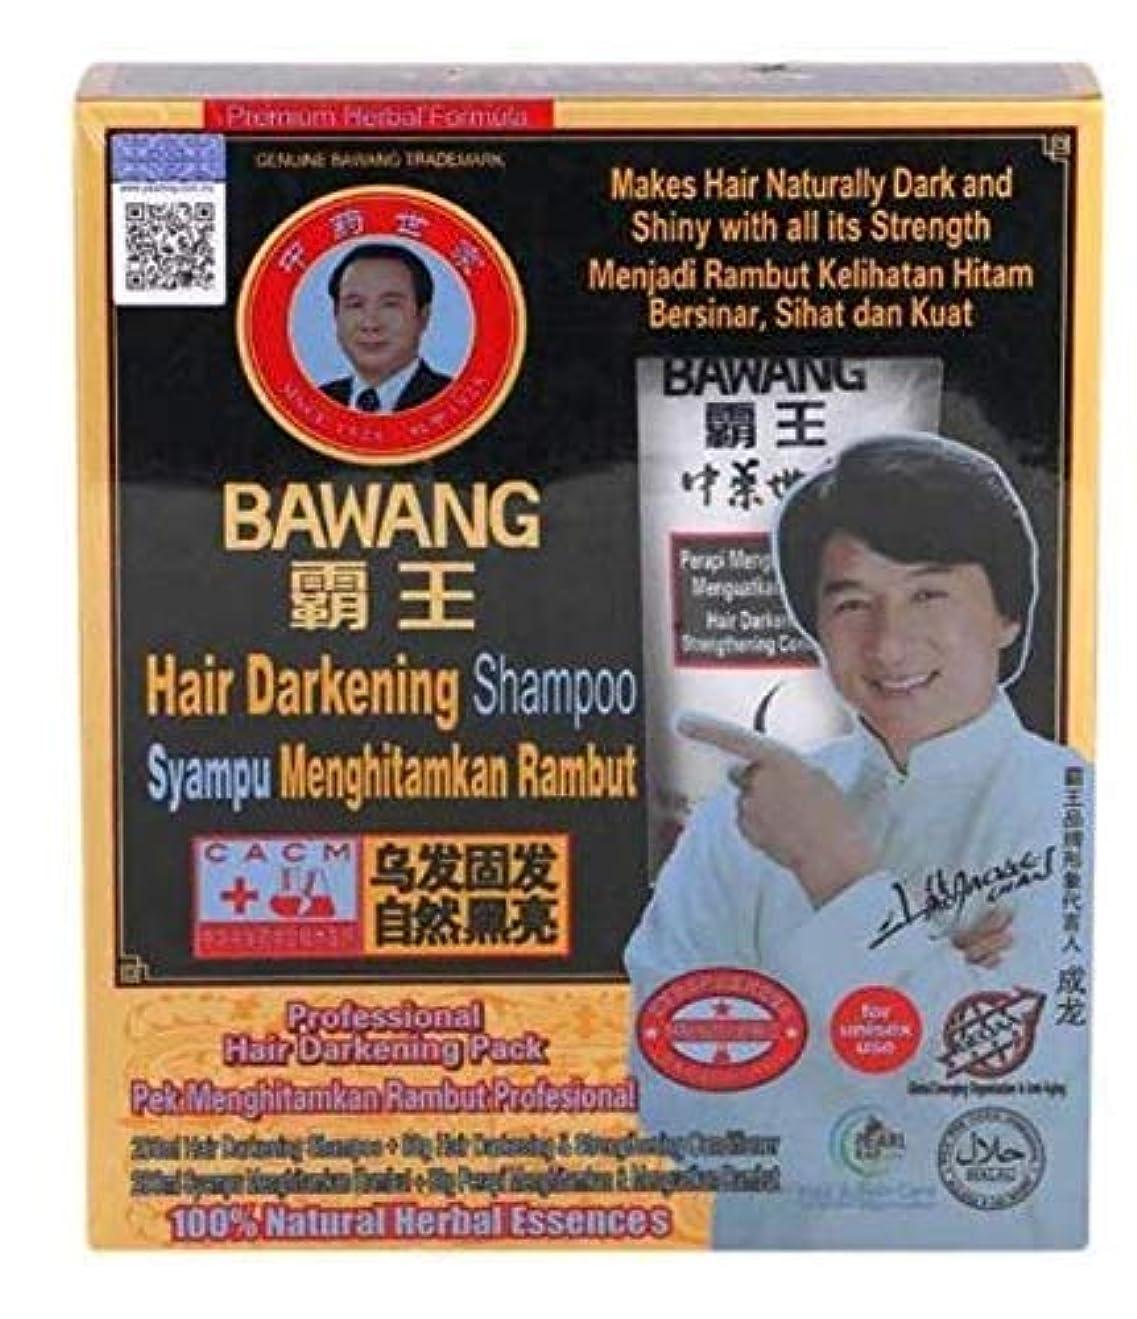 名目上のオリエンタルストローBAWANG プロフェッショナル髪黒い袋200ミリリットル+ 80グラム